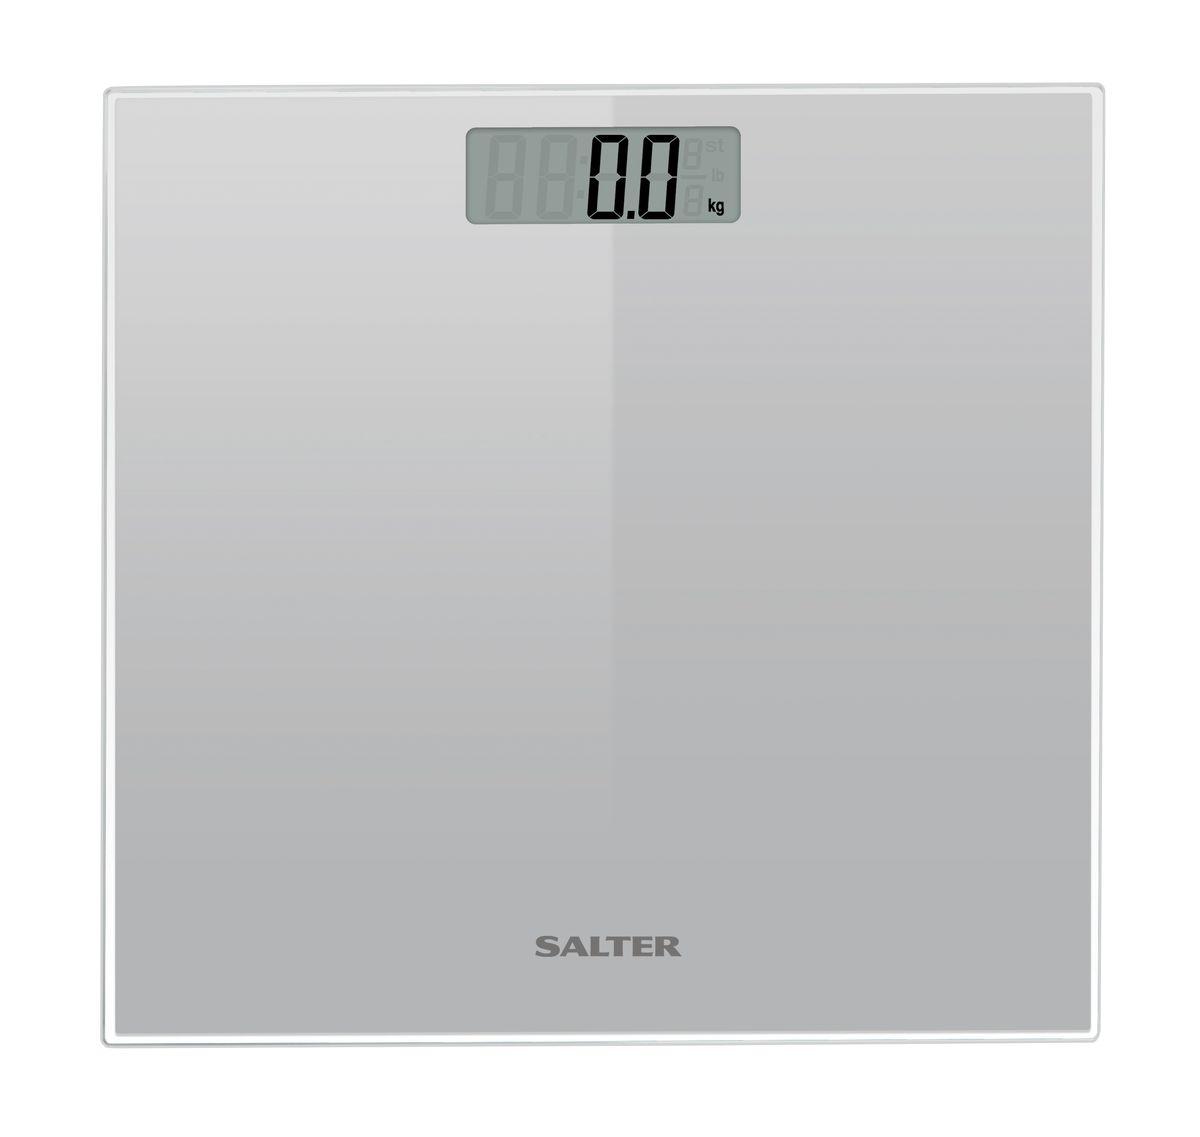 Salter 9037 SV3R напольные весы9037 SV3RНапольные весы стильного дизайнаSalter 9037 SV3R, сверхтонкая стеклянная платформа с красивой прозрачной рамкой. Компактная конструкция для легкого хранения. Легко читаемый широкий дисплей 79 х 28 мм.